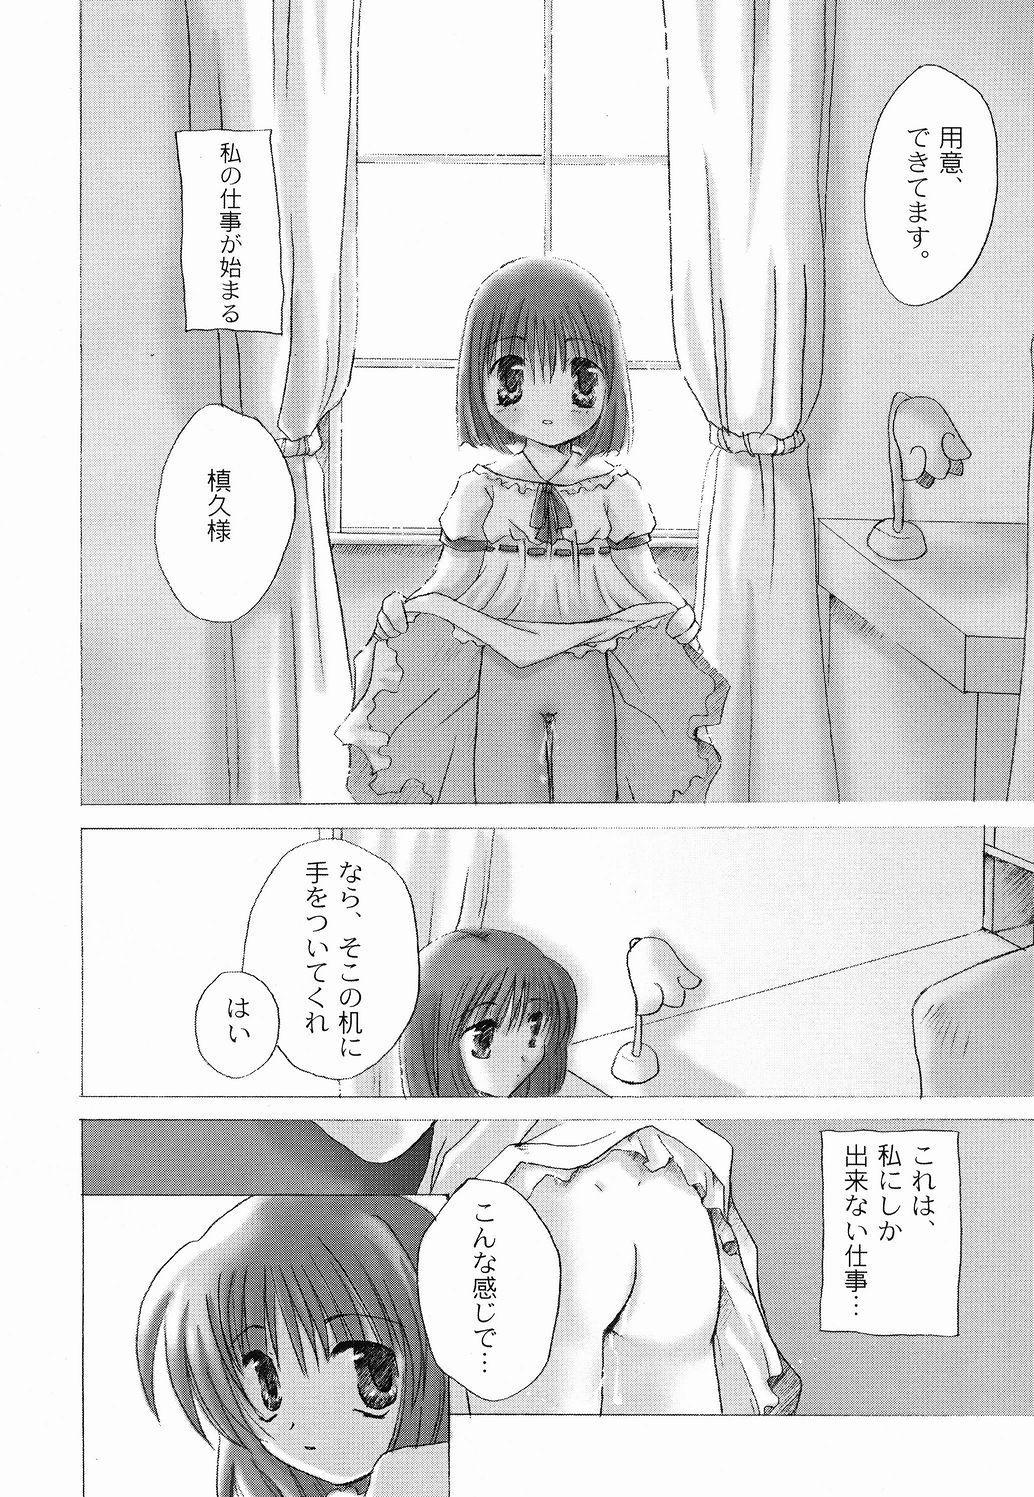 Taiyou to Tsuki ni Somuite 8